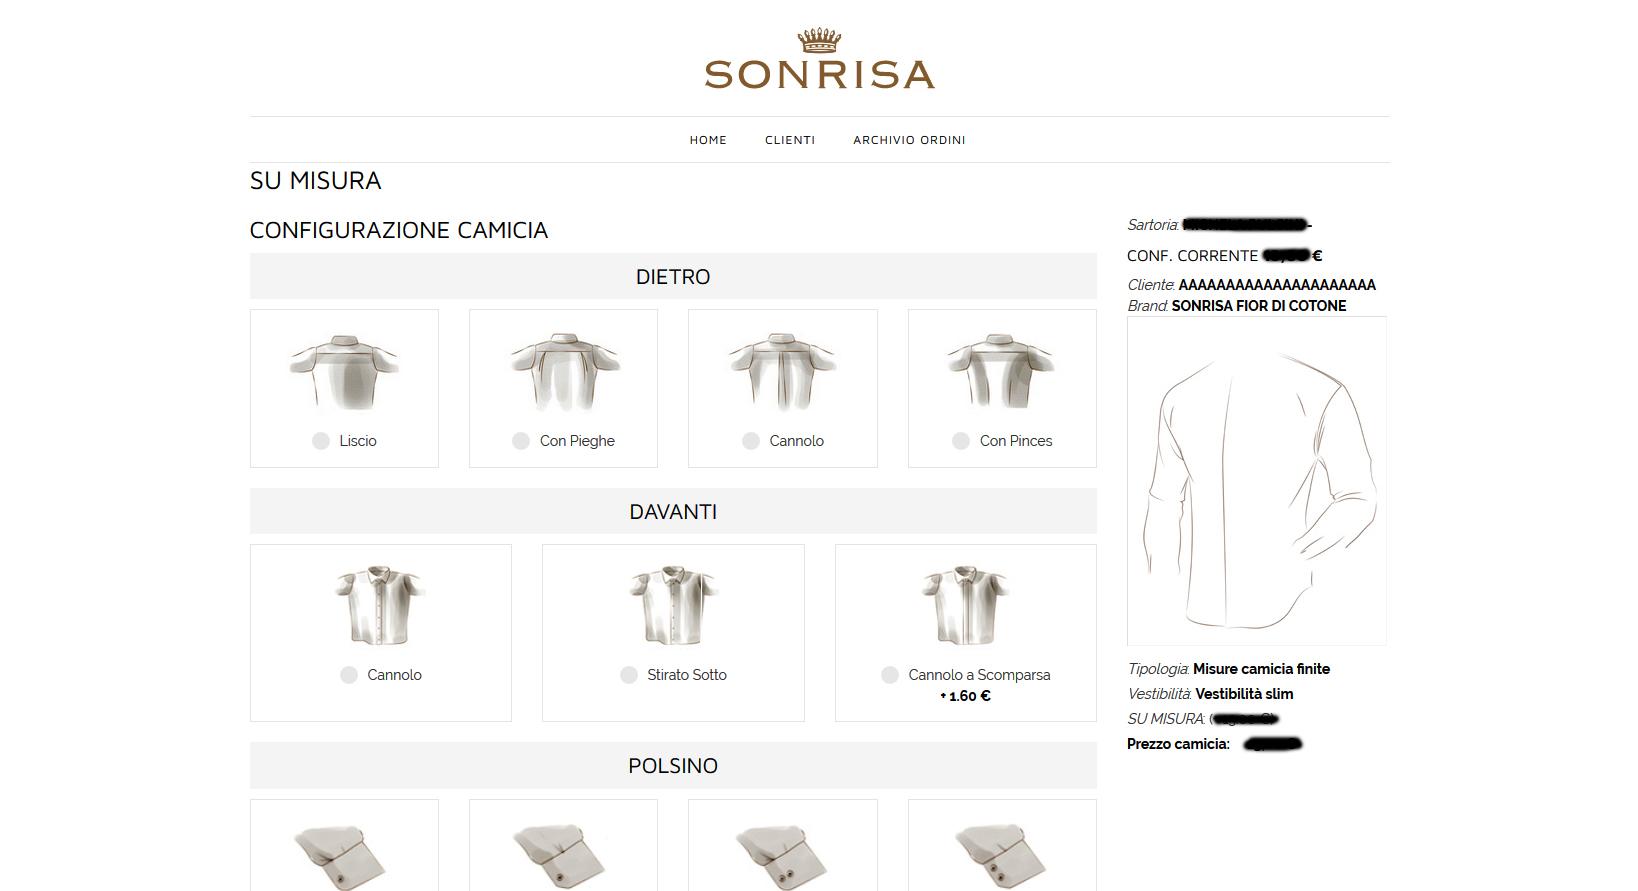 SU MISURA – Brand SONRISA – Gruppo V&V